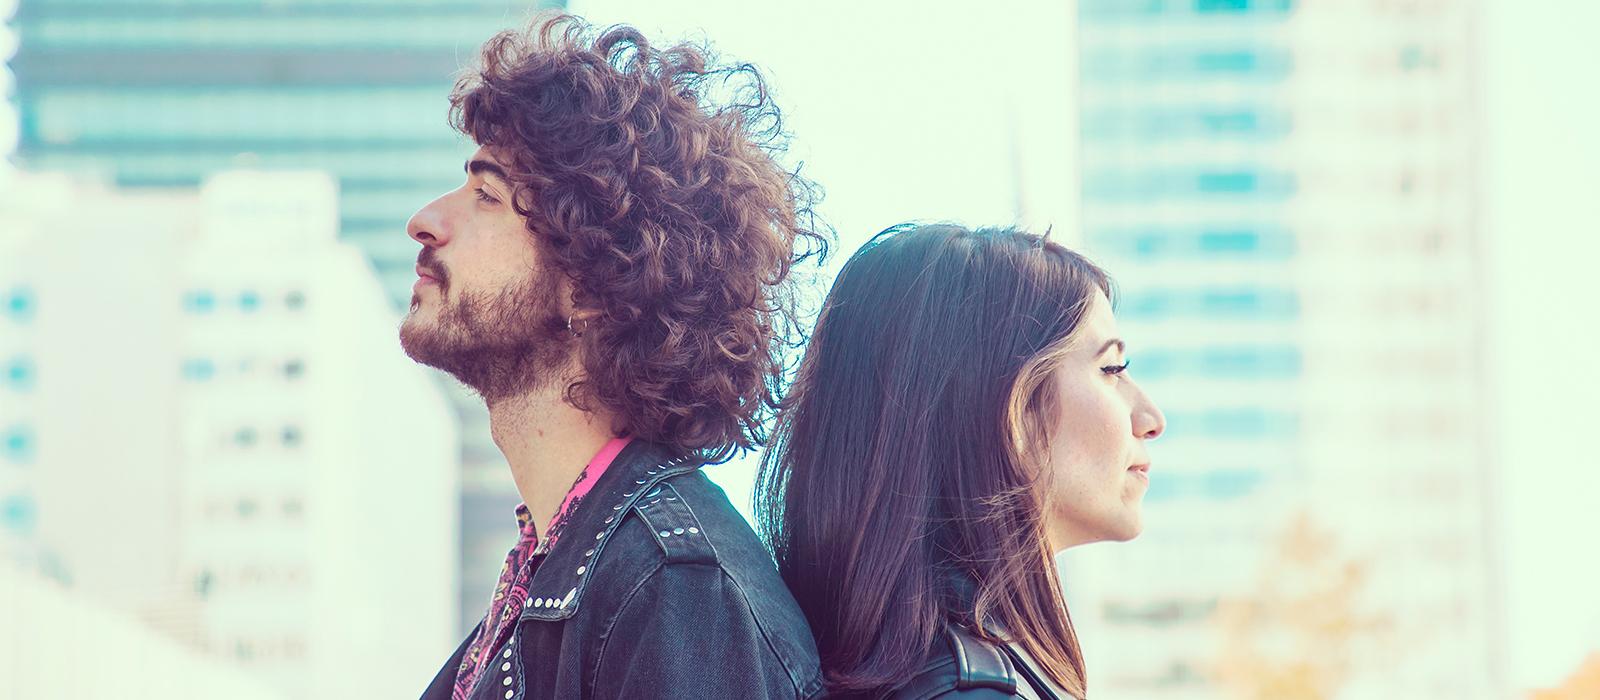 Isma Romero estrena 'Corriente' con Bely Basarte mediante una original y pionera campaña en Instagram Stories